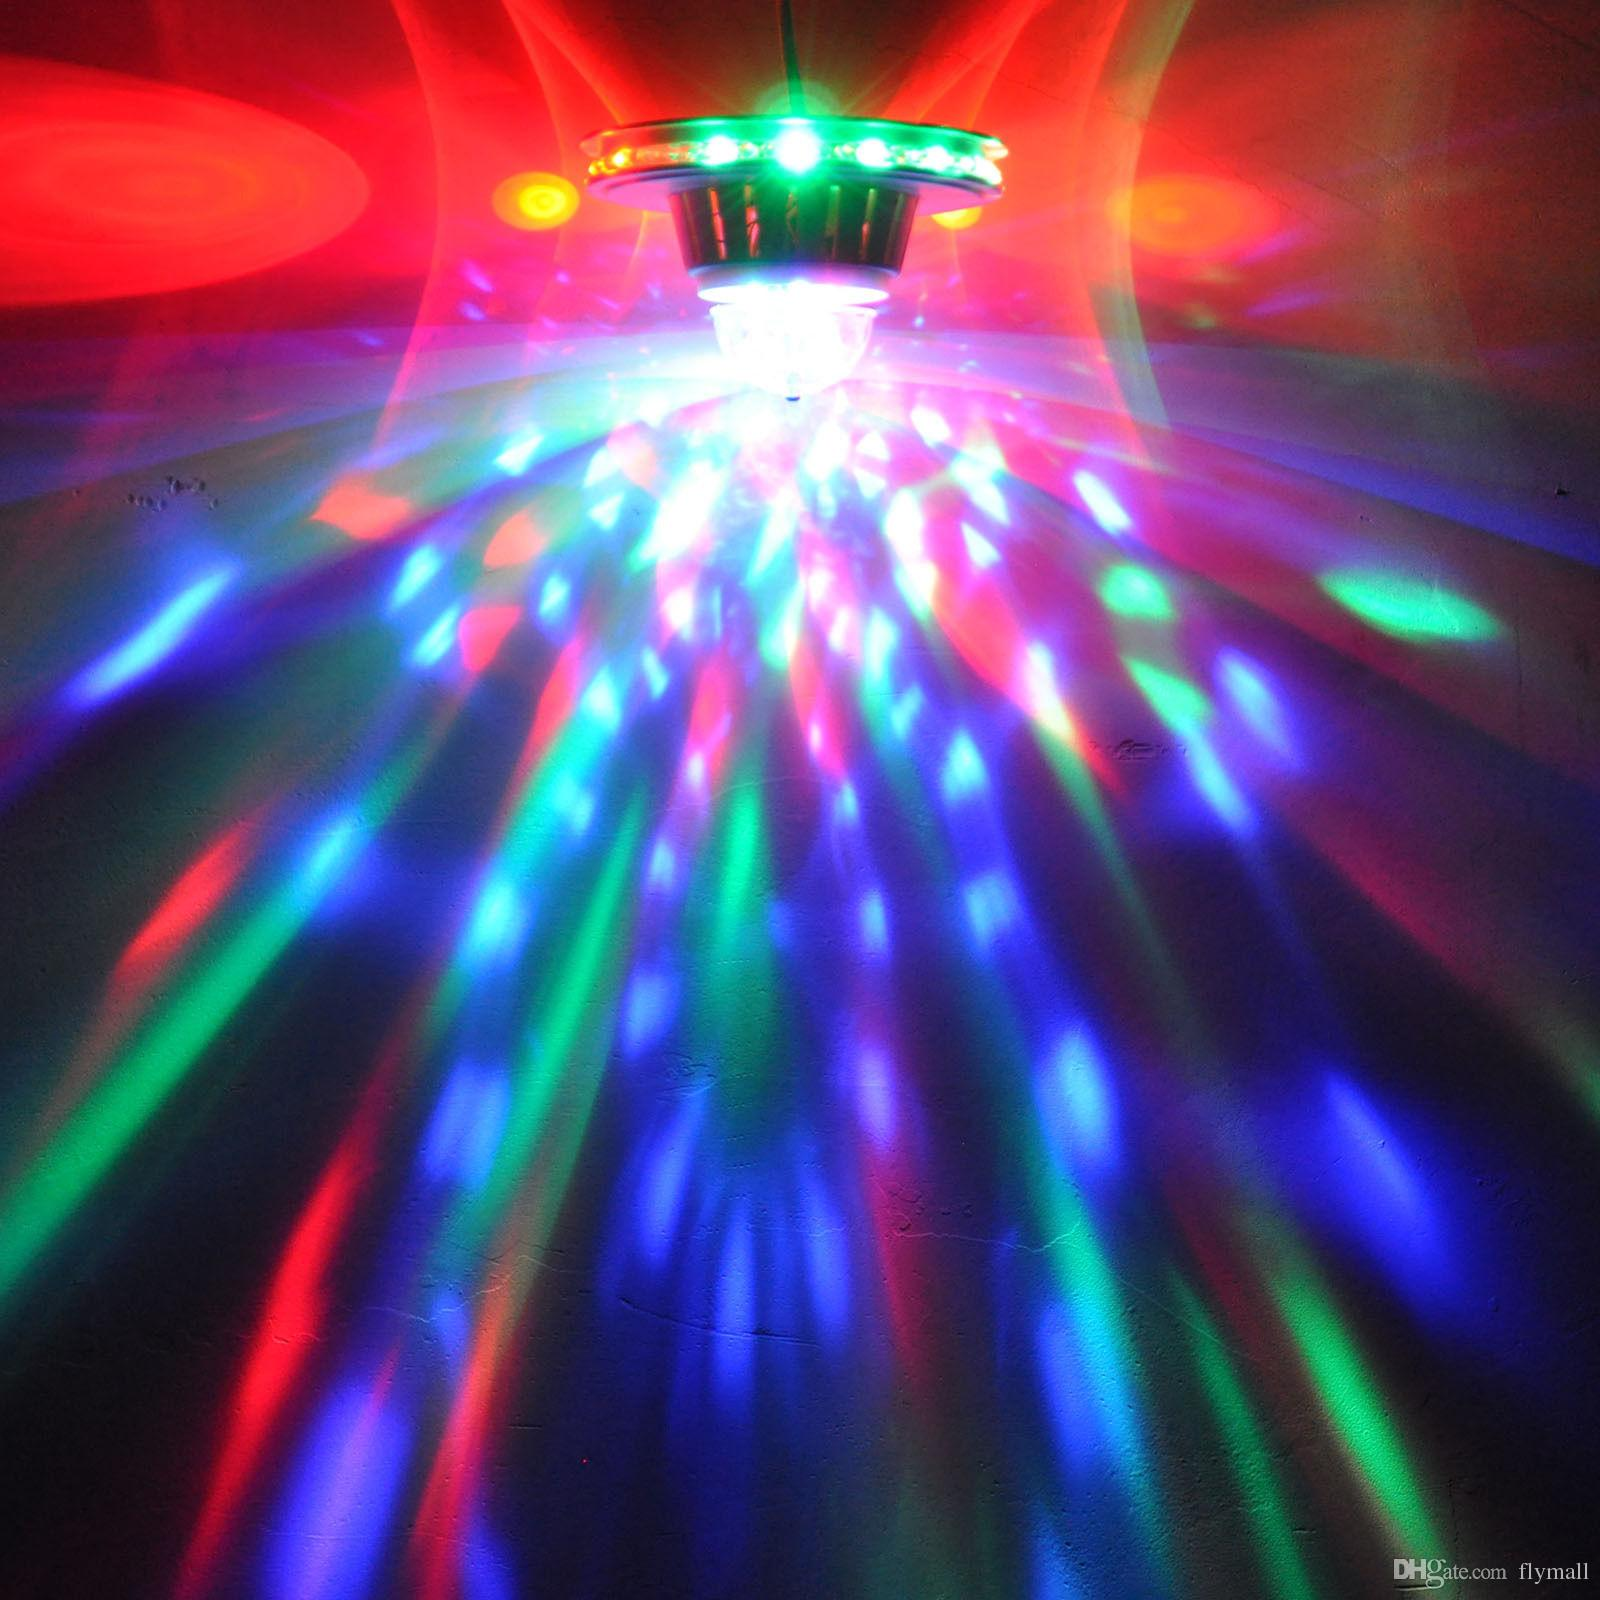 48 المصابيح 8 واط الدوارة rgb led لمبة اللون تغيير كريستال ماجيك عباد الشمس الكرة ضوء led الآثار rgb كريستال المرحلة ضوء لعيد الميلاد حزب ديسكو